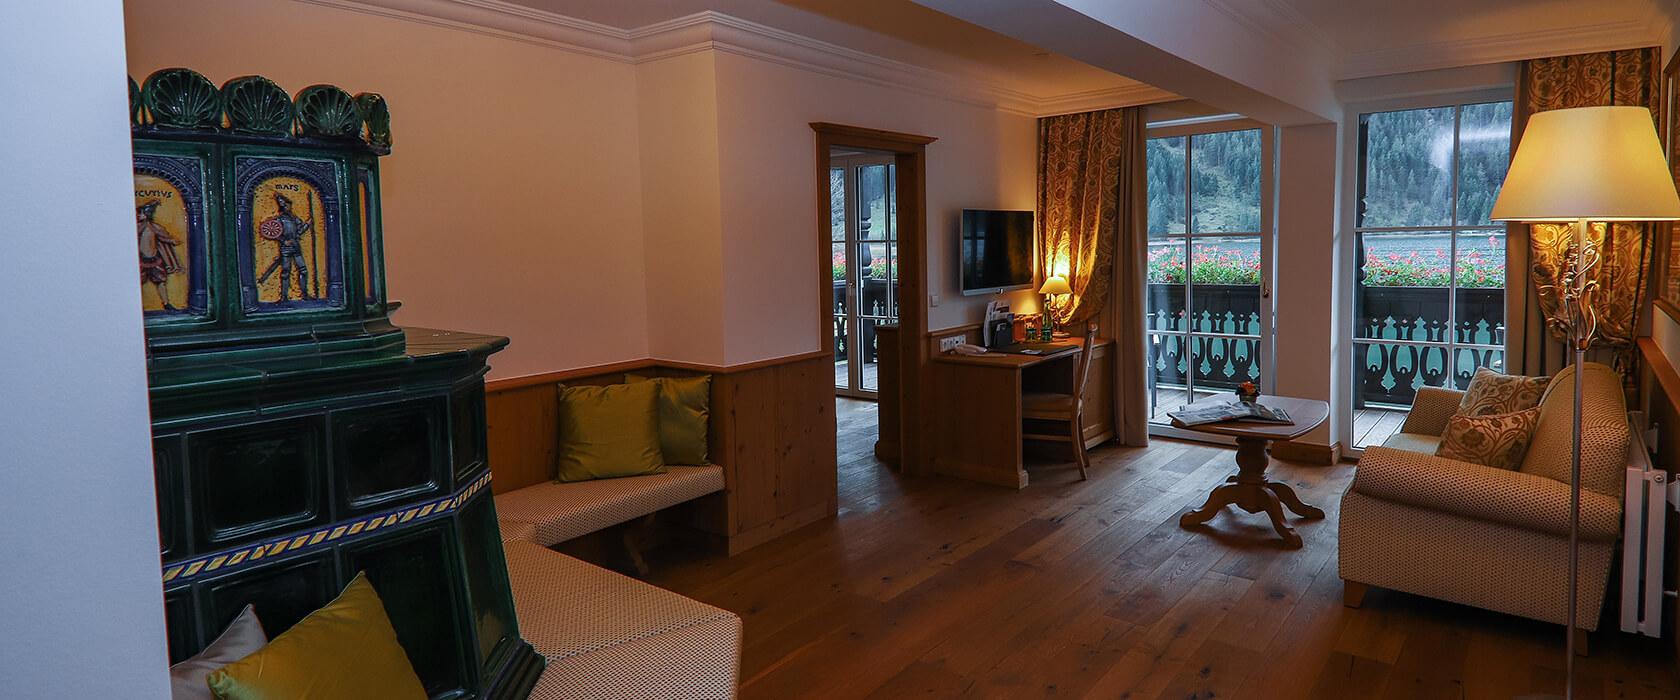 Berg- und Seepanorama in der Suite Aurora - Hotel Via Salina